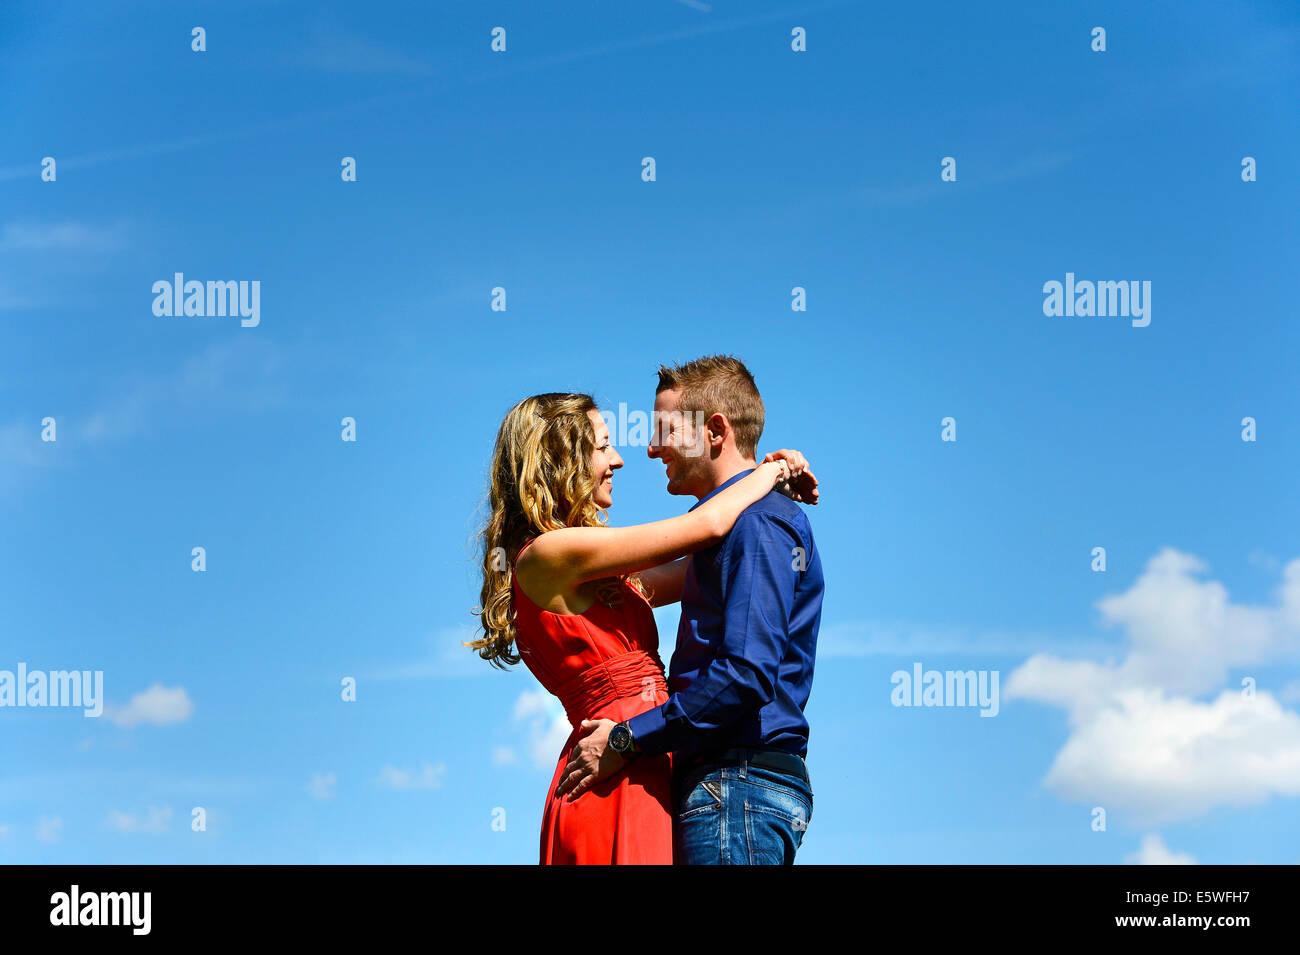 Los amantes contra un cielo azul, Austria Imagen De Stock